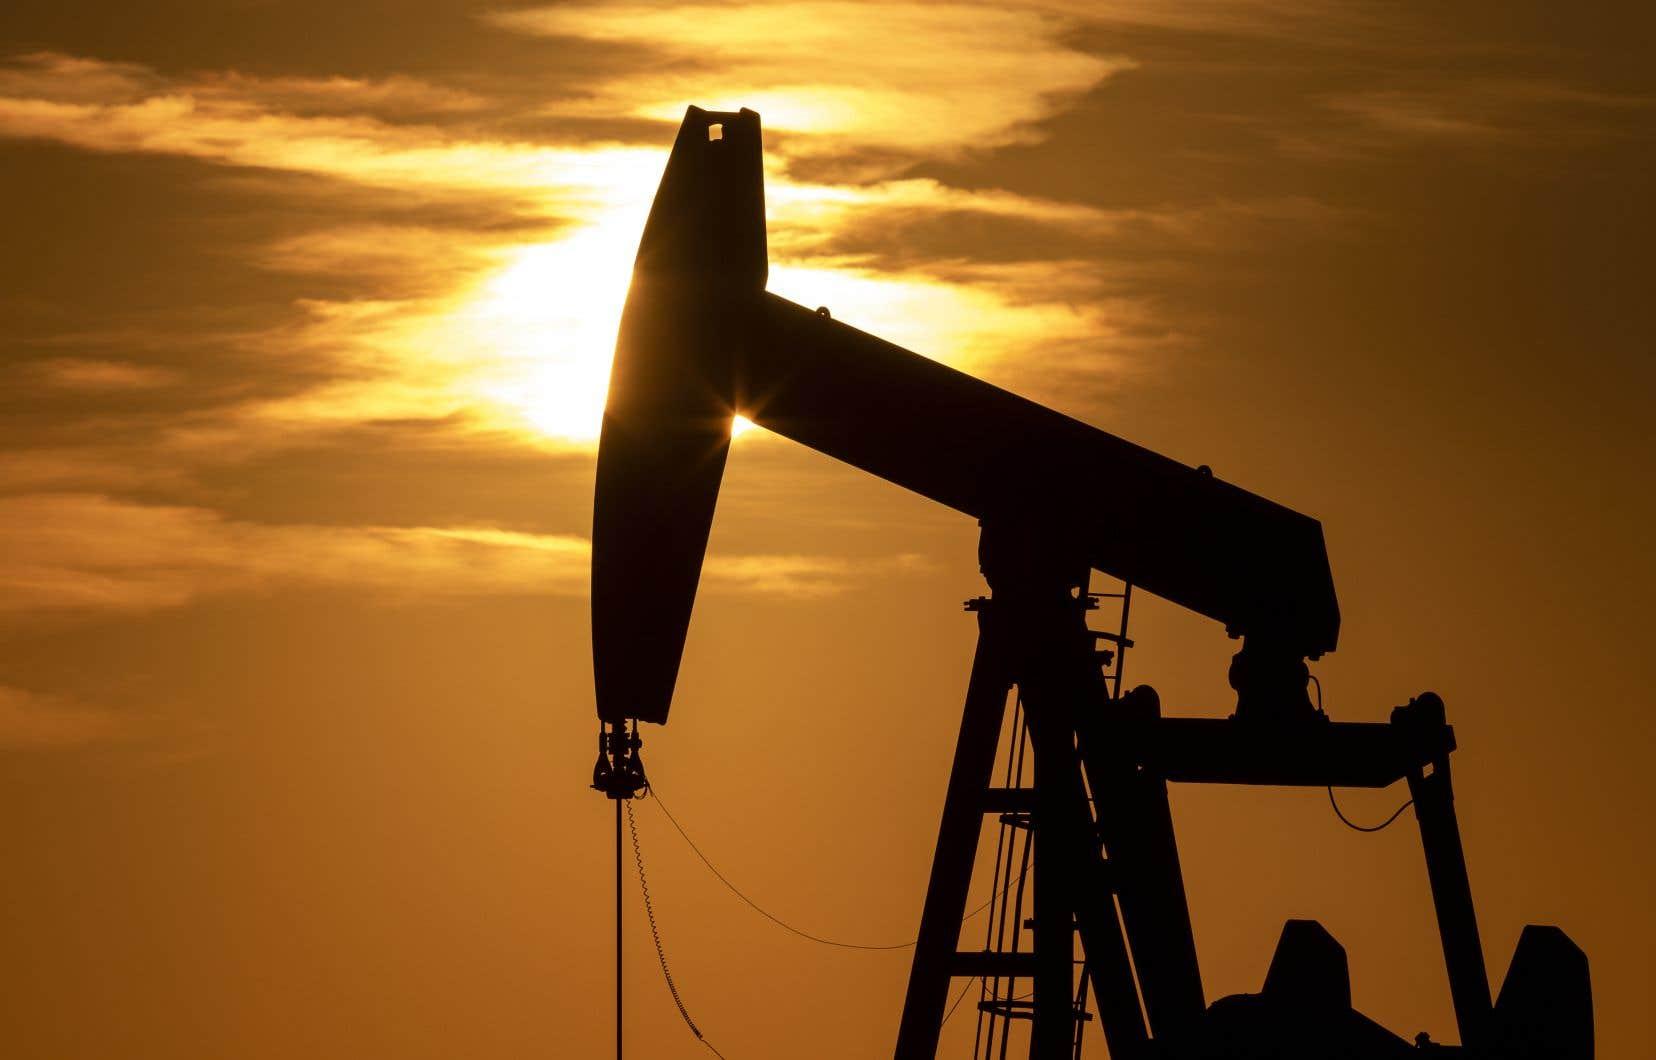 L'exploitation du pétrole et du gaz représente 22% des émissions anthropiques de méthane.